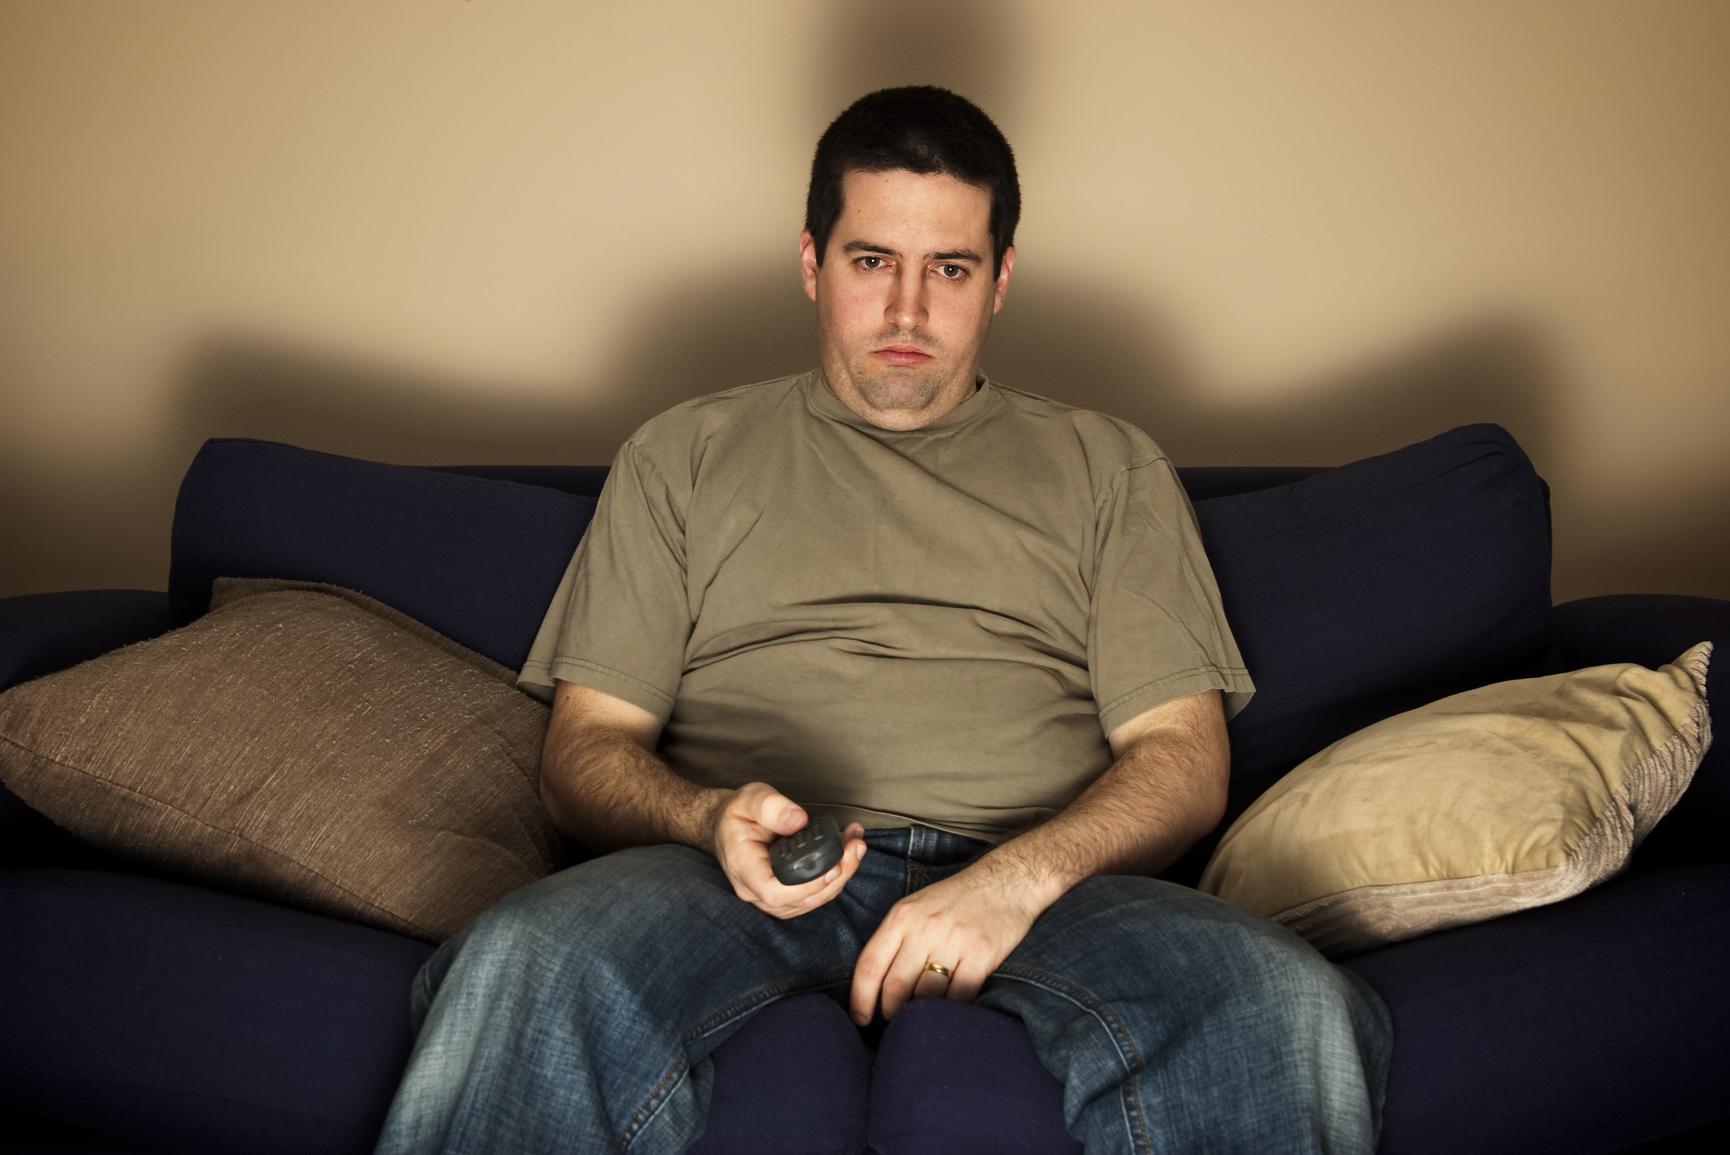 Ученые обнаружили, что неактивный образ жизни не ухудшает умственную деятельность